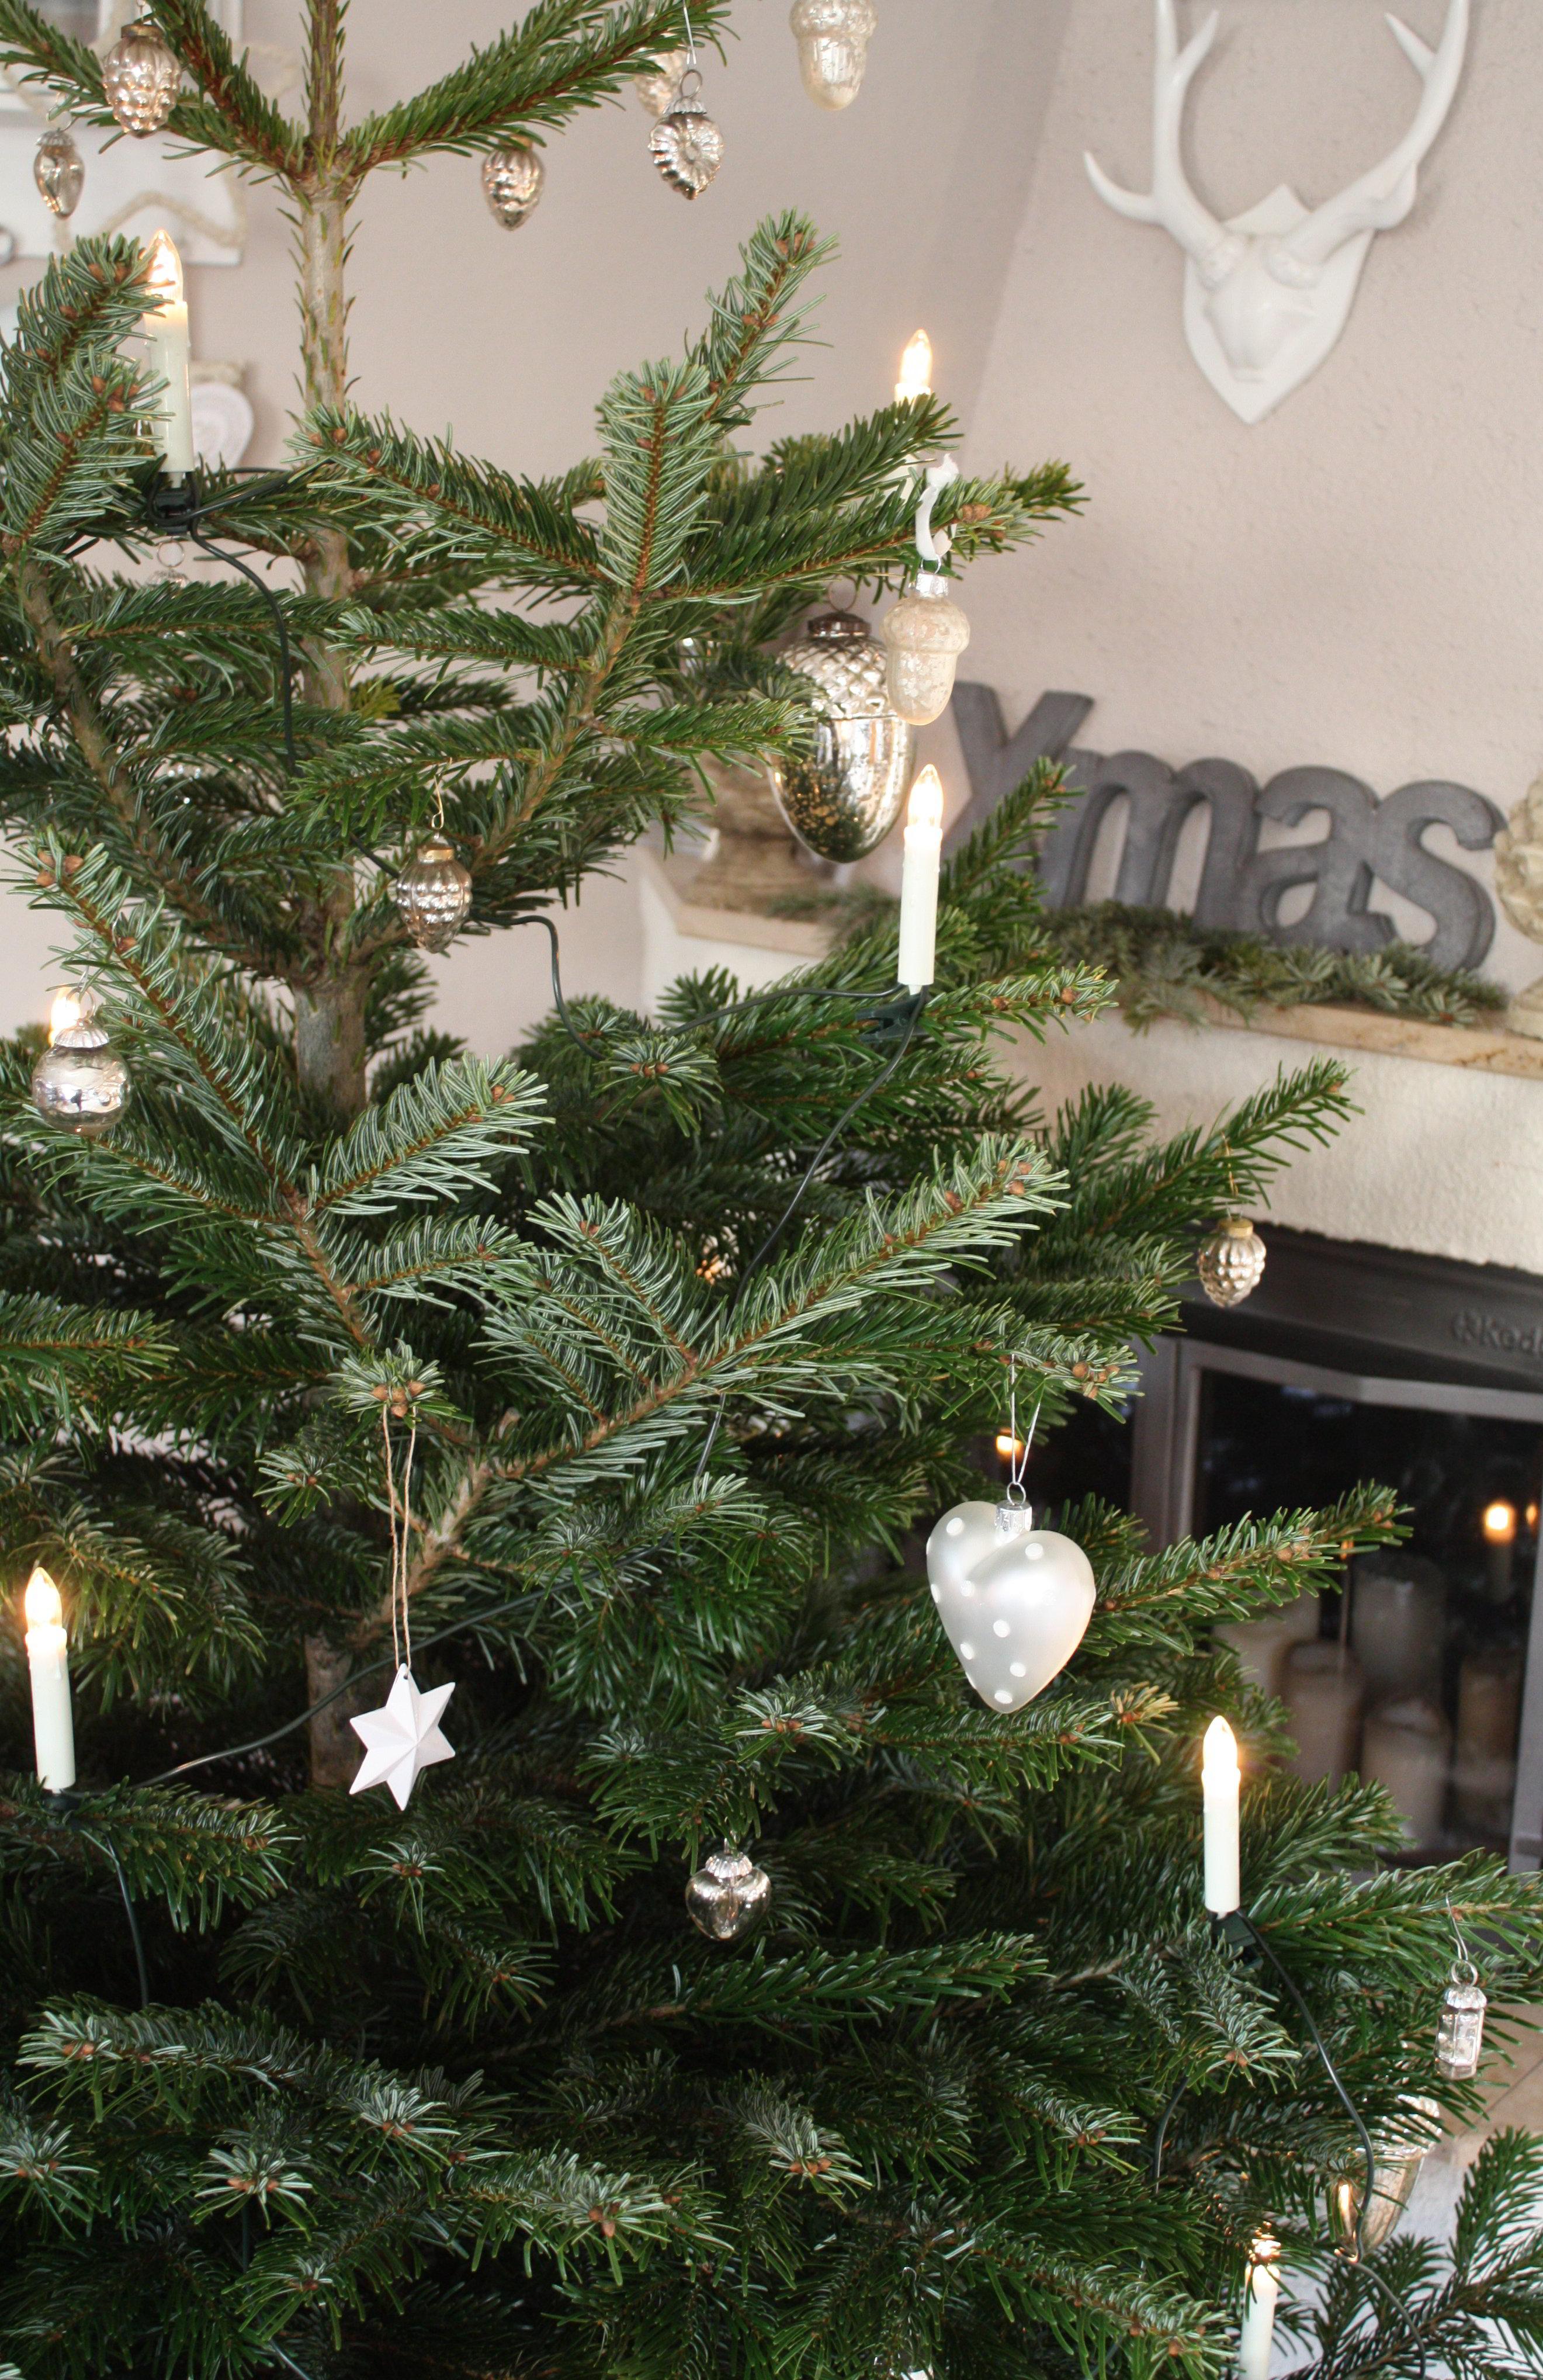 ratgeber weihnachtsbaum kaufen pflegen entsorgen ich. Black Bedroom Furniture Sets. Home Design Ideas